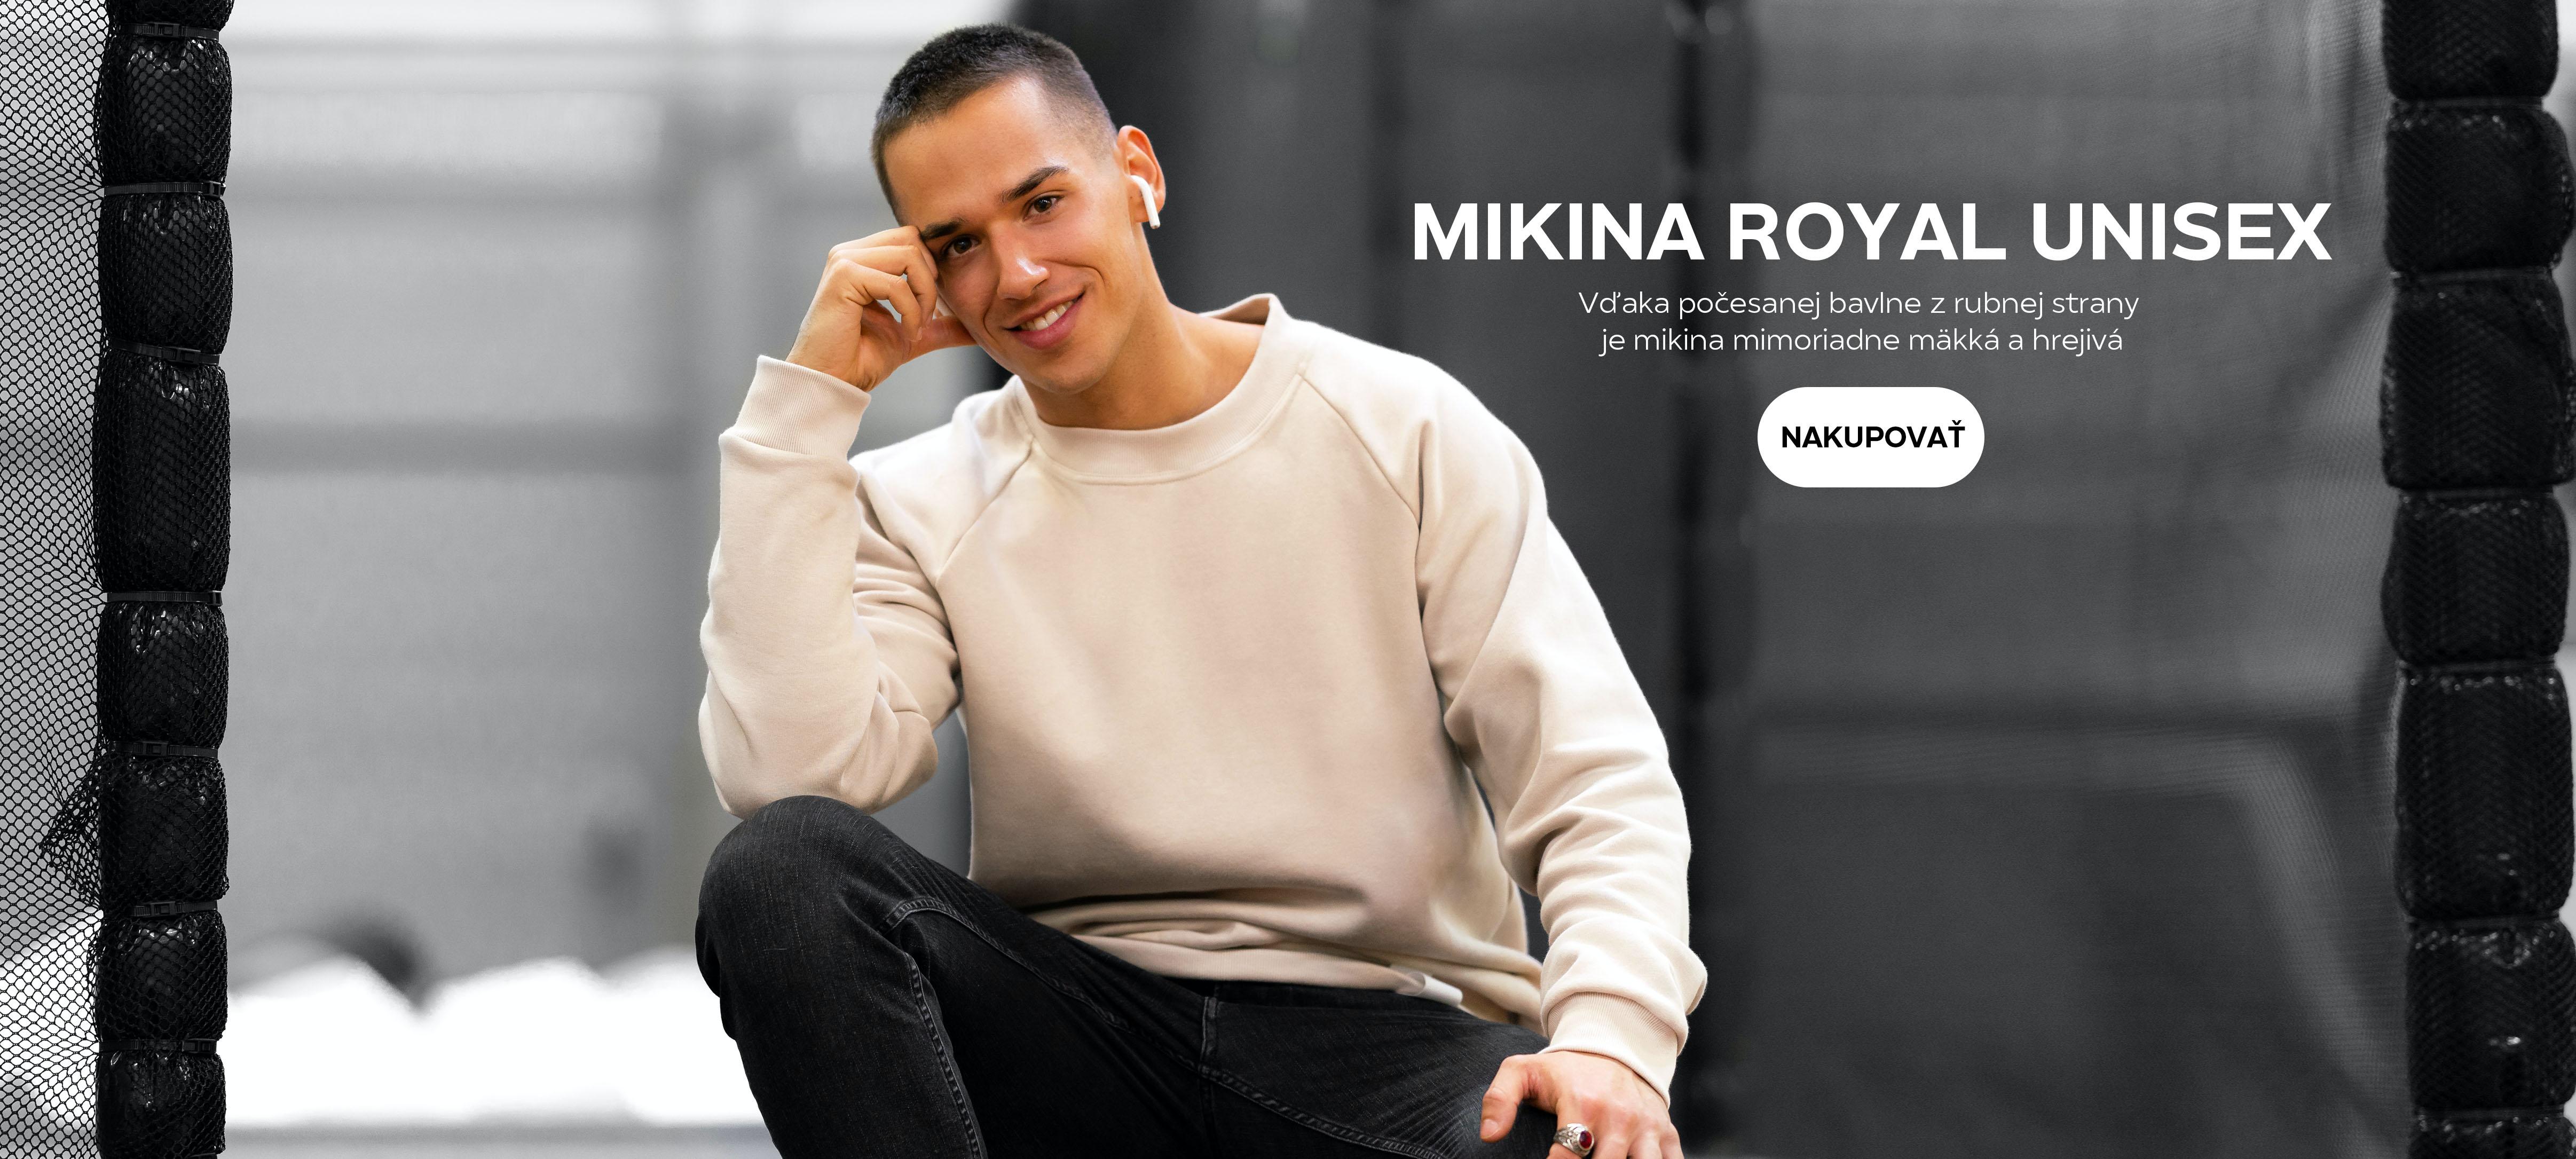 MIKINA ROYAL UNISEX